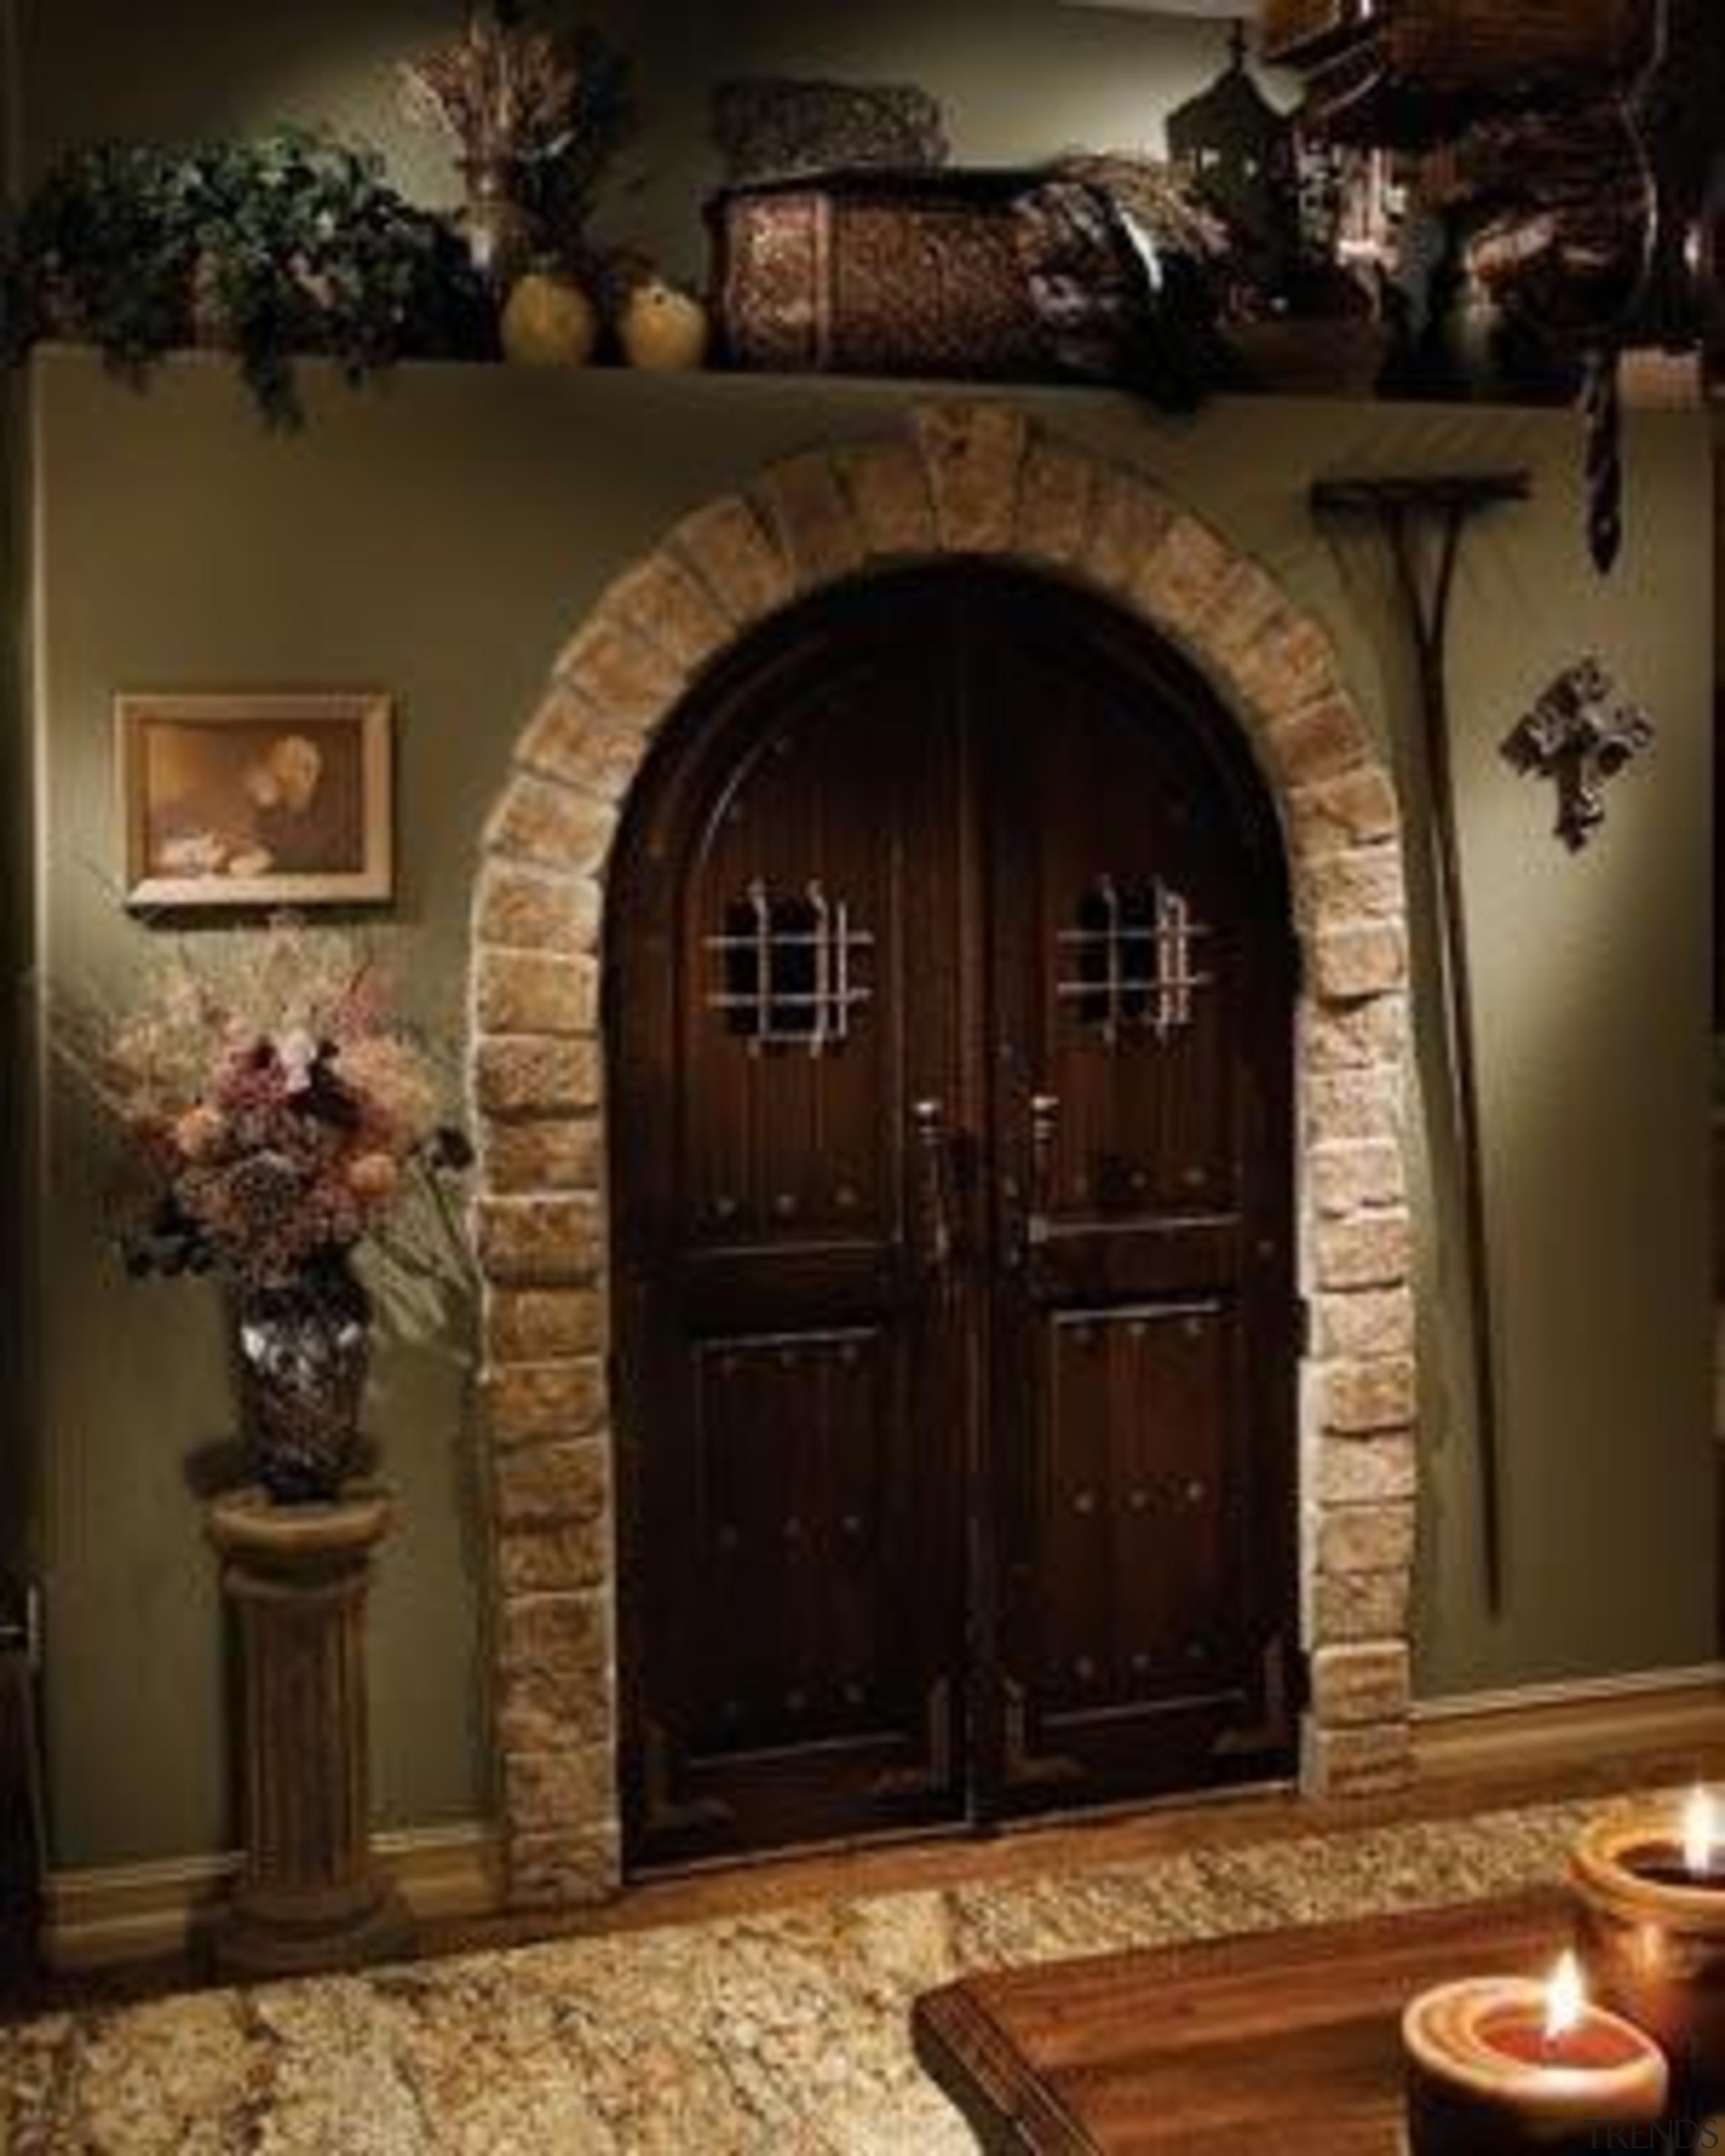 Wine Cellar Ideas - Wine Cellar Ideas - door, home, brown, black